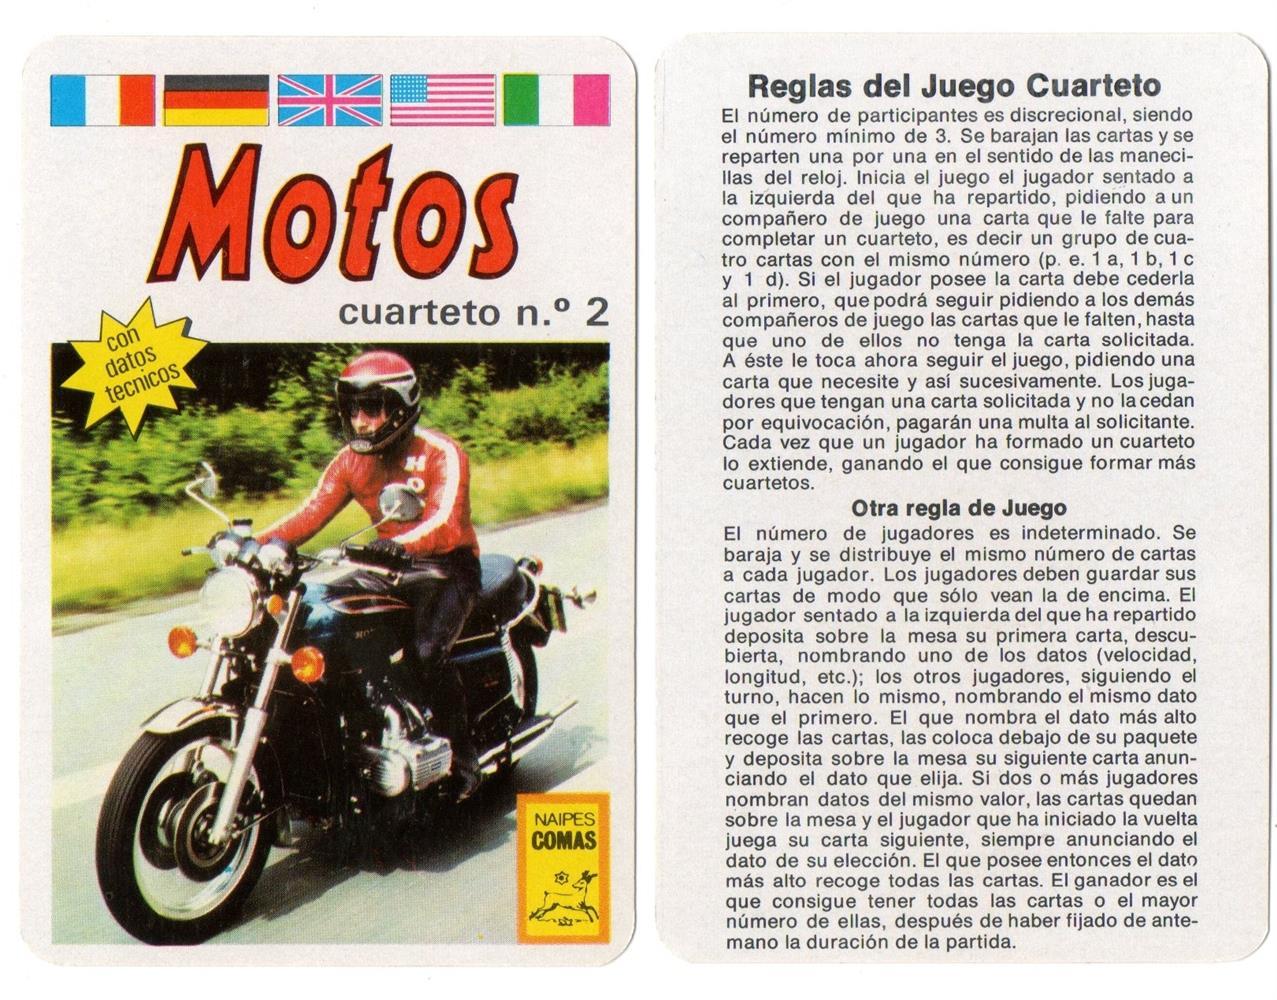 2015 Motos-Top AAS cuarteto-nuevo